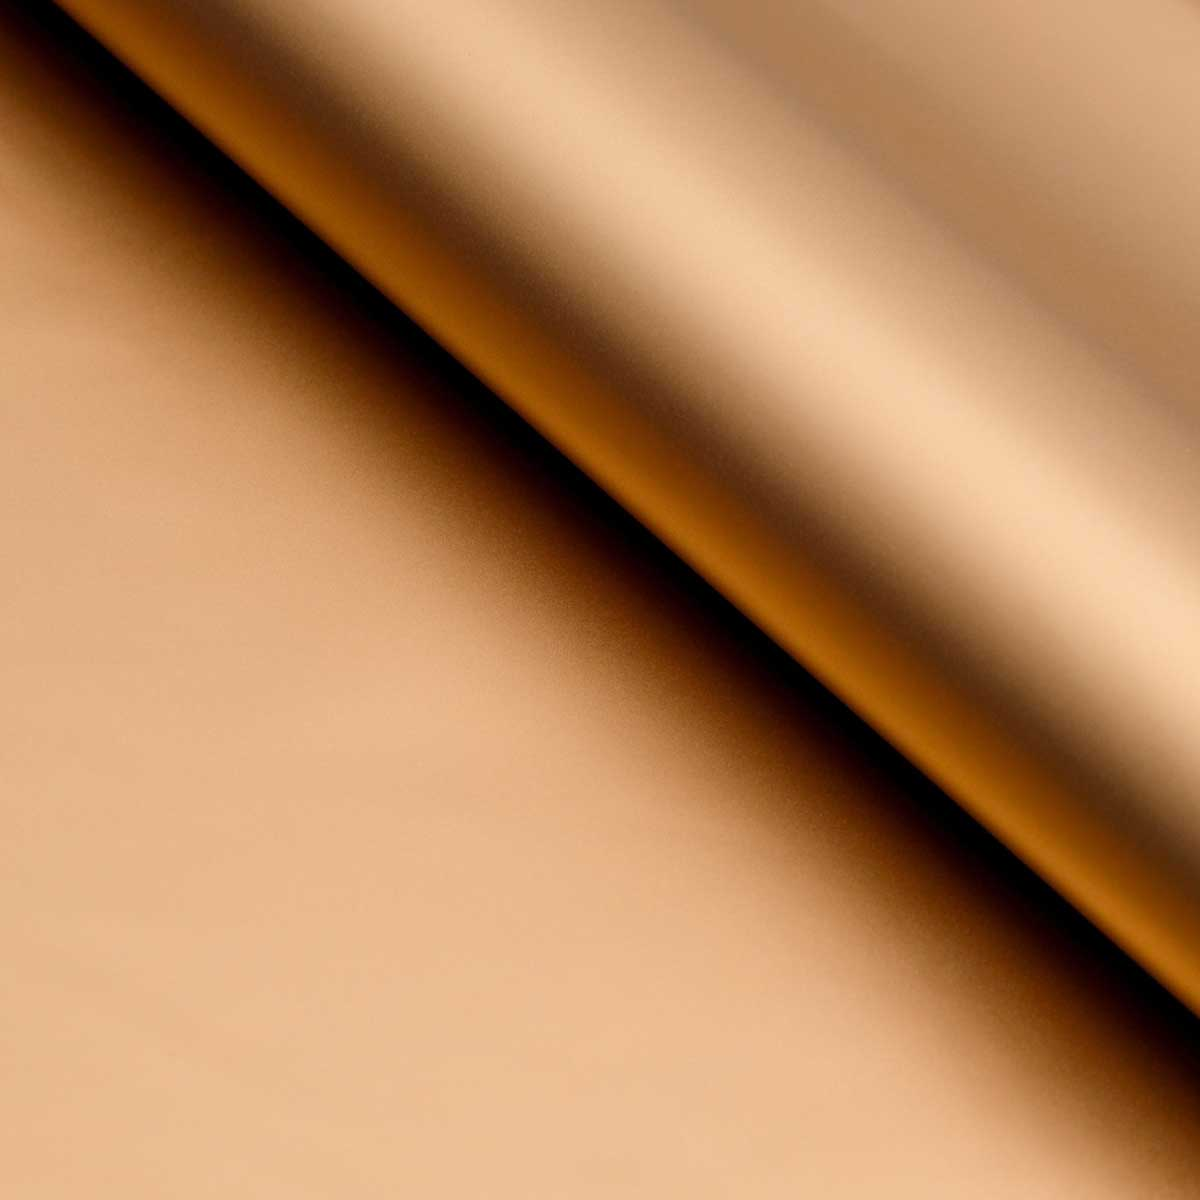 128439 Пленка матовая 60*60 см, цвет золотой